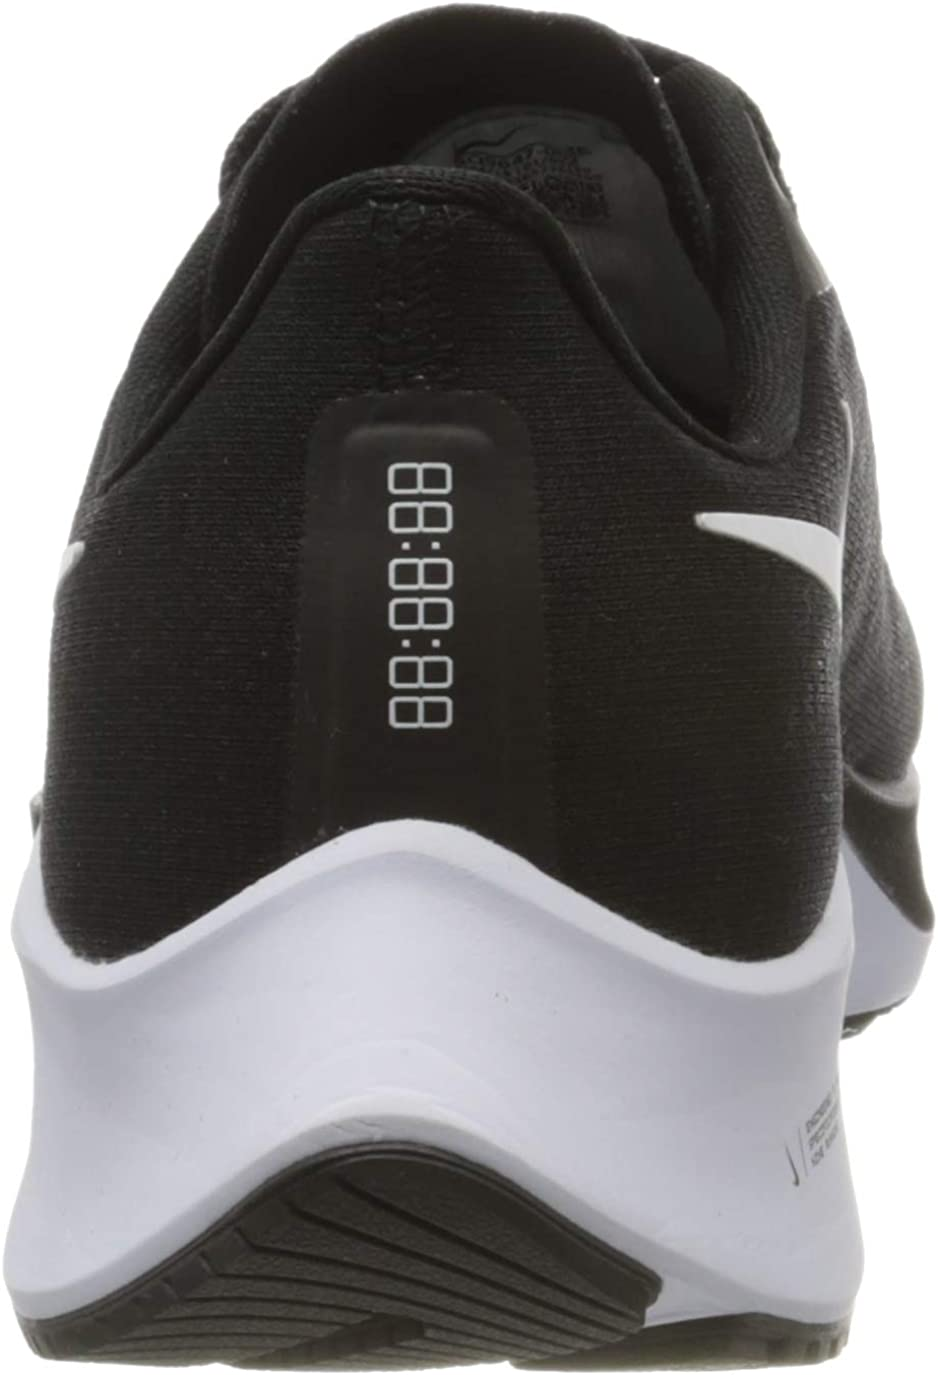 Chaussures de sport Chaussure de Marche Femme Nike Air Zoom ...